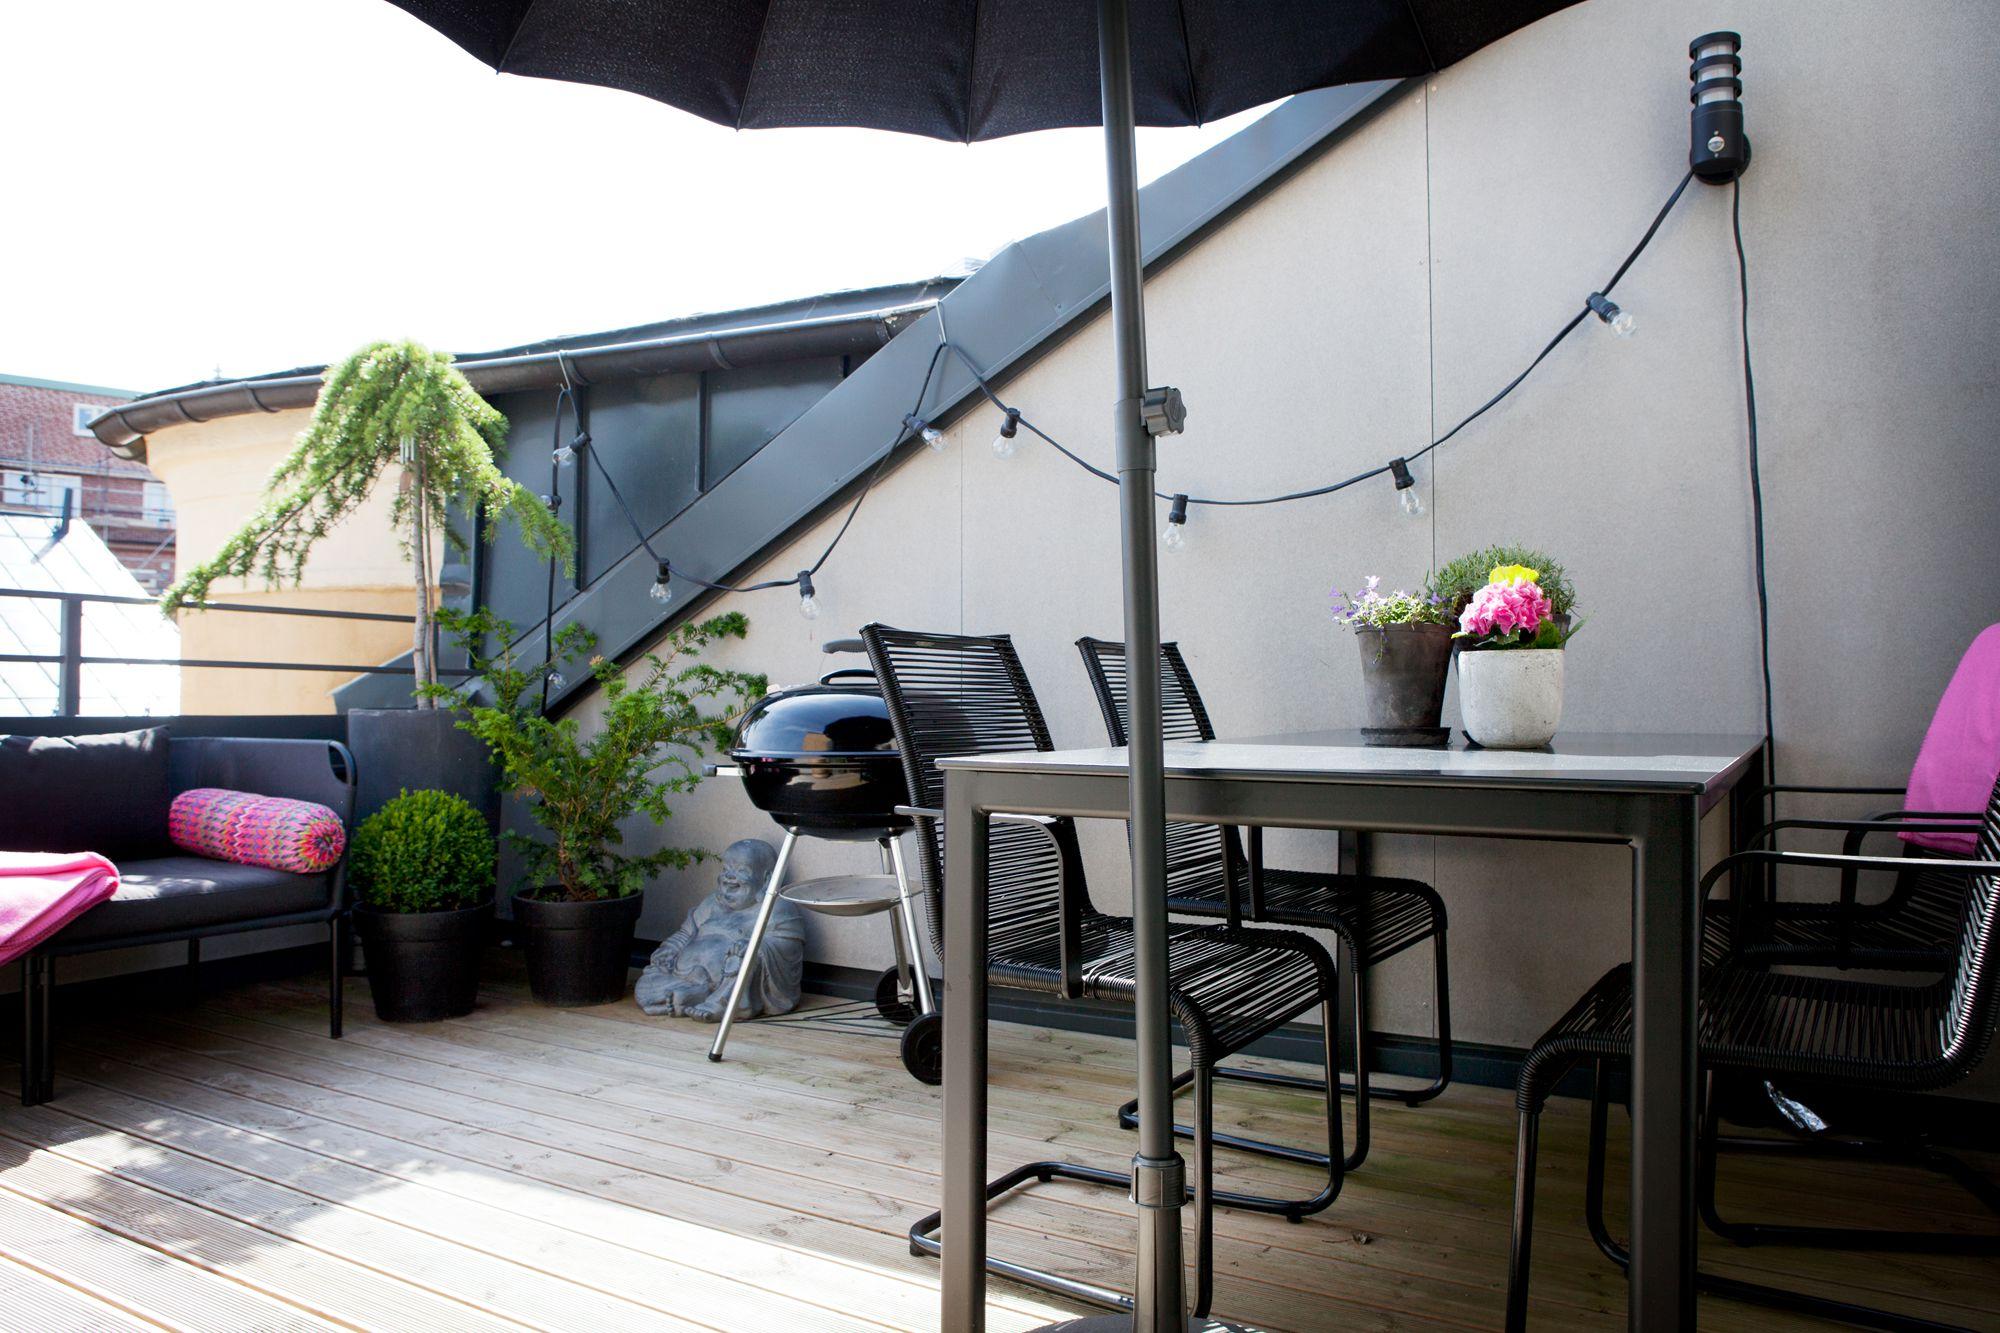 Dúplex con terraza - Blog tienda decoración estilo nórdico ...